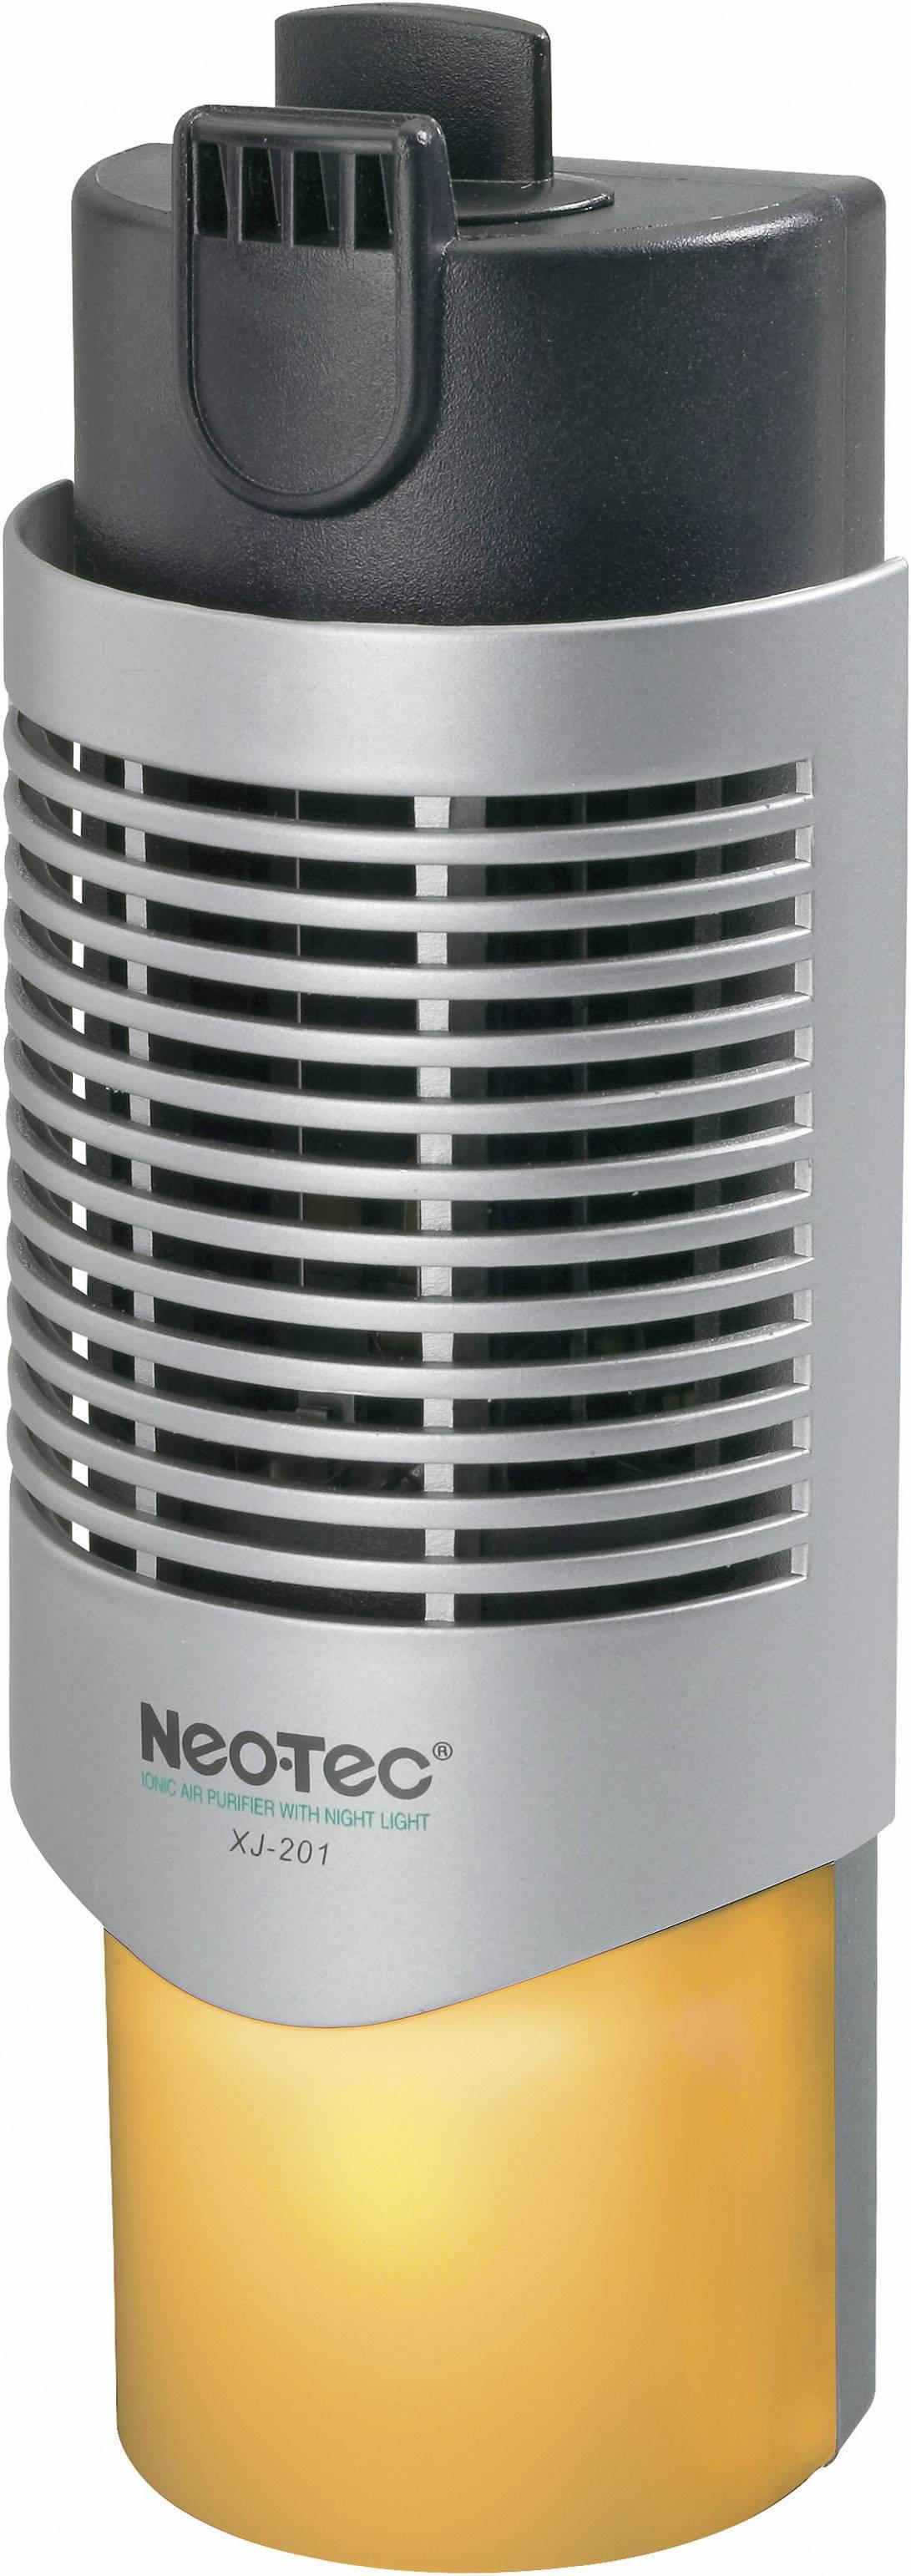 Ionizátor vzduchu so svetlom XJ-201, 20 m², 3 W, čierna, strieborná